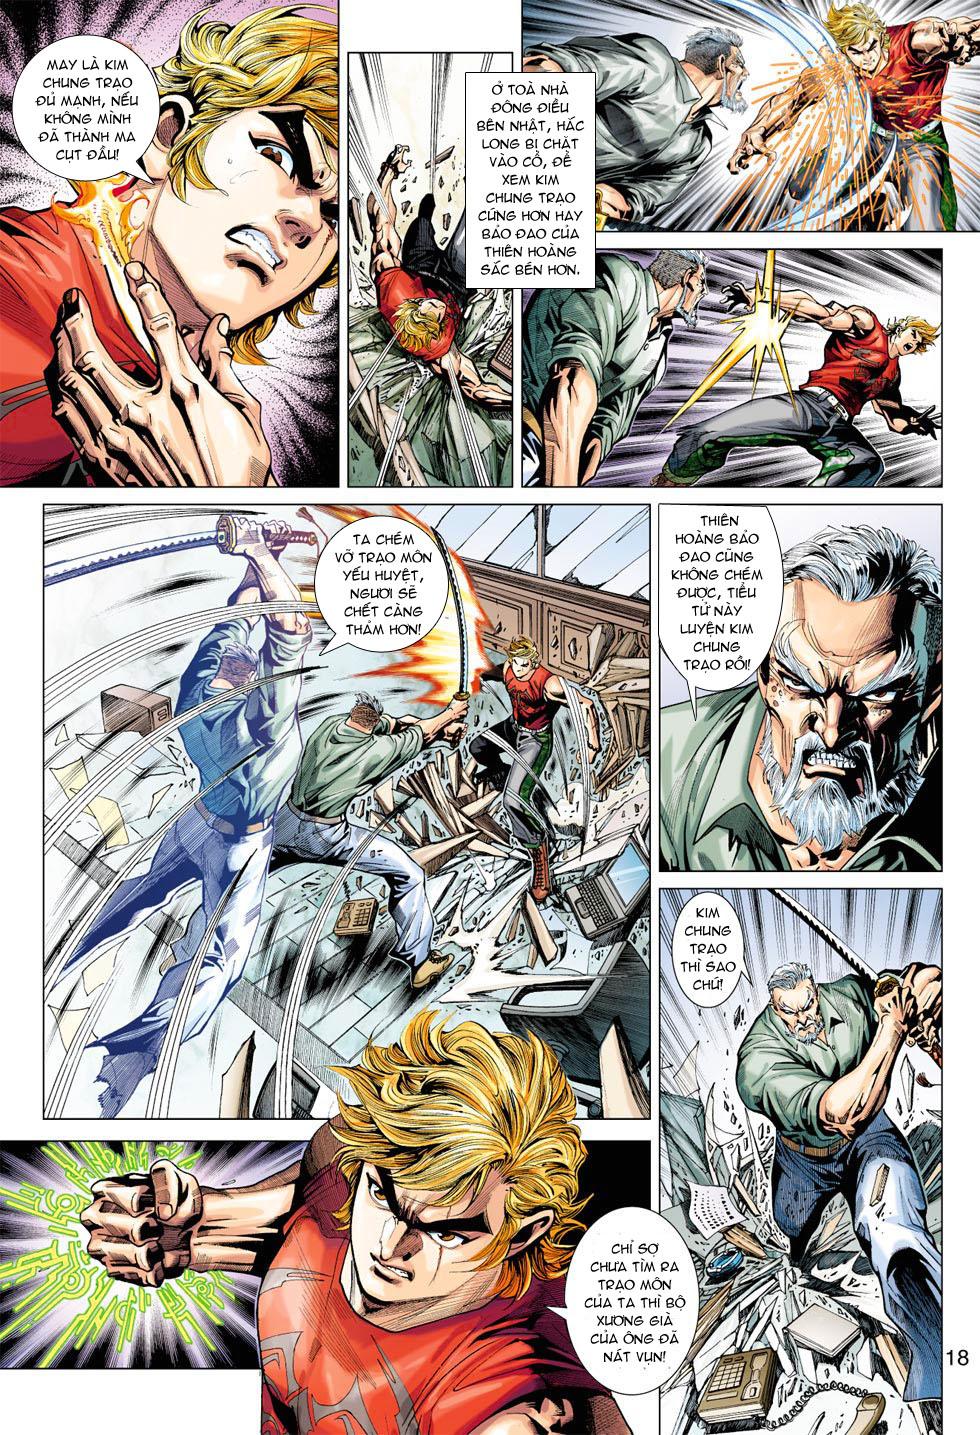 Tân Tác Long Hổ Môn trang 51